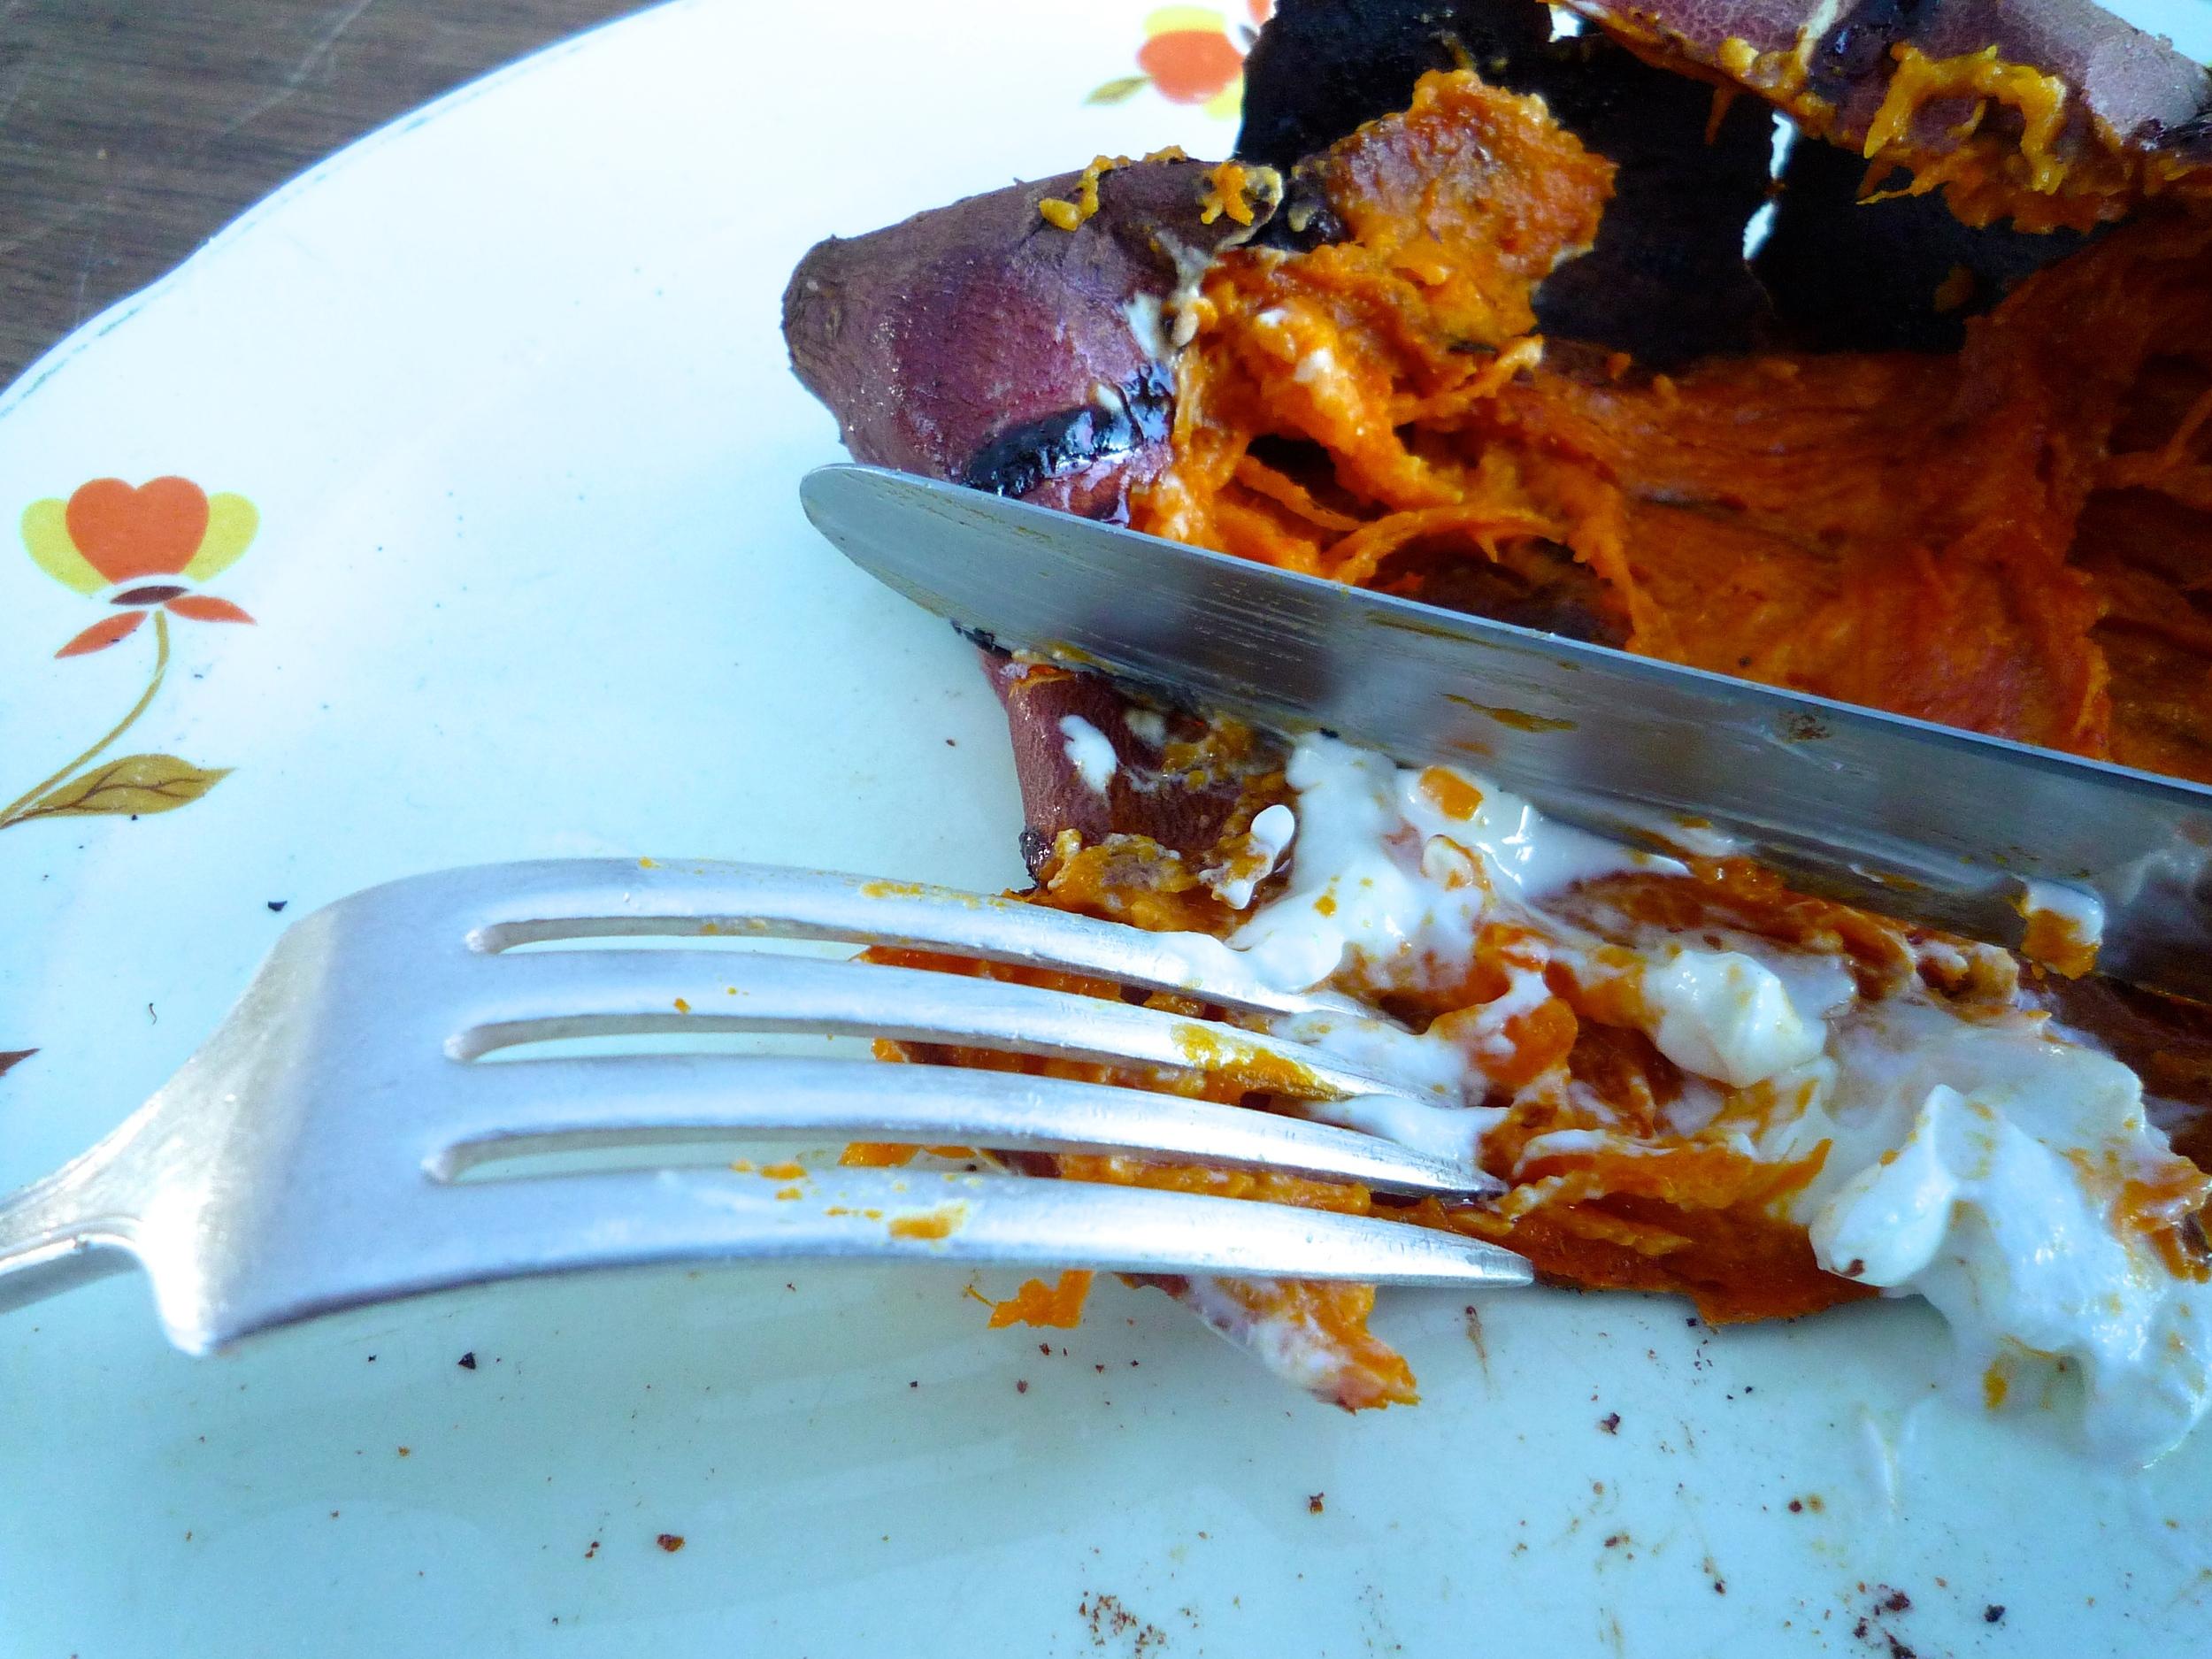 fig. d: baked garnet sweet potato 2: after